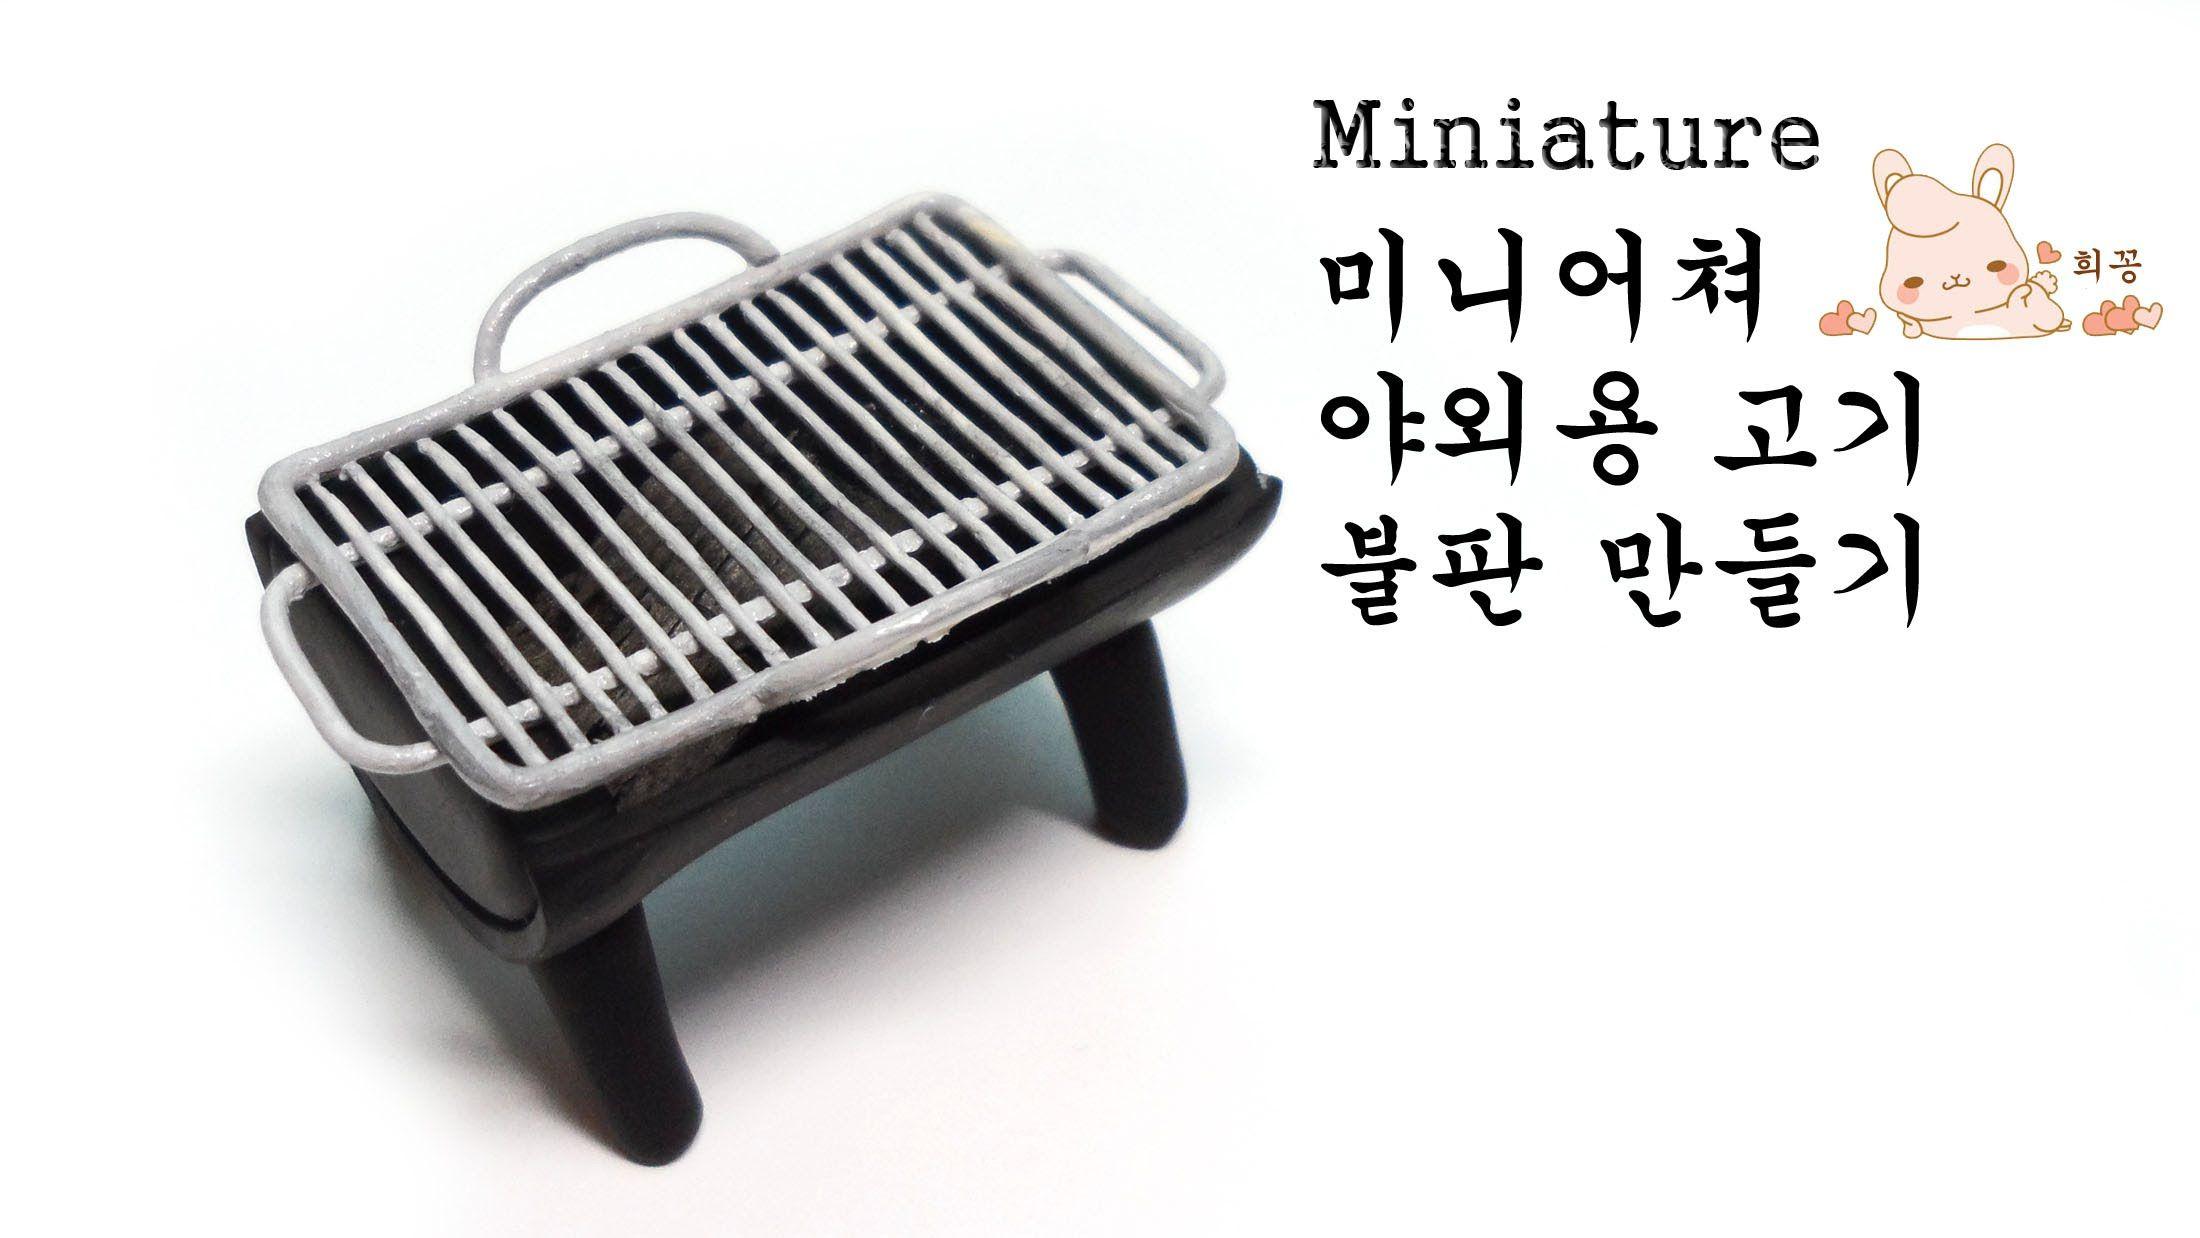 미니어쳐 야외용 고기 불판 만들기   Miniature Grill